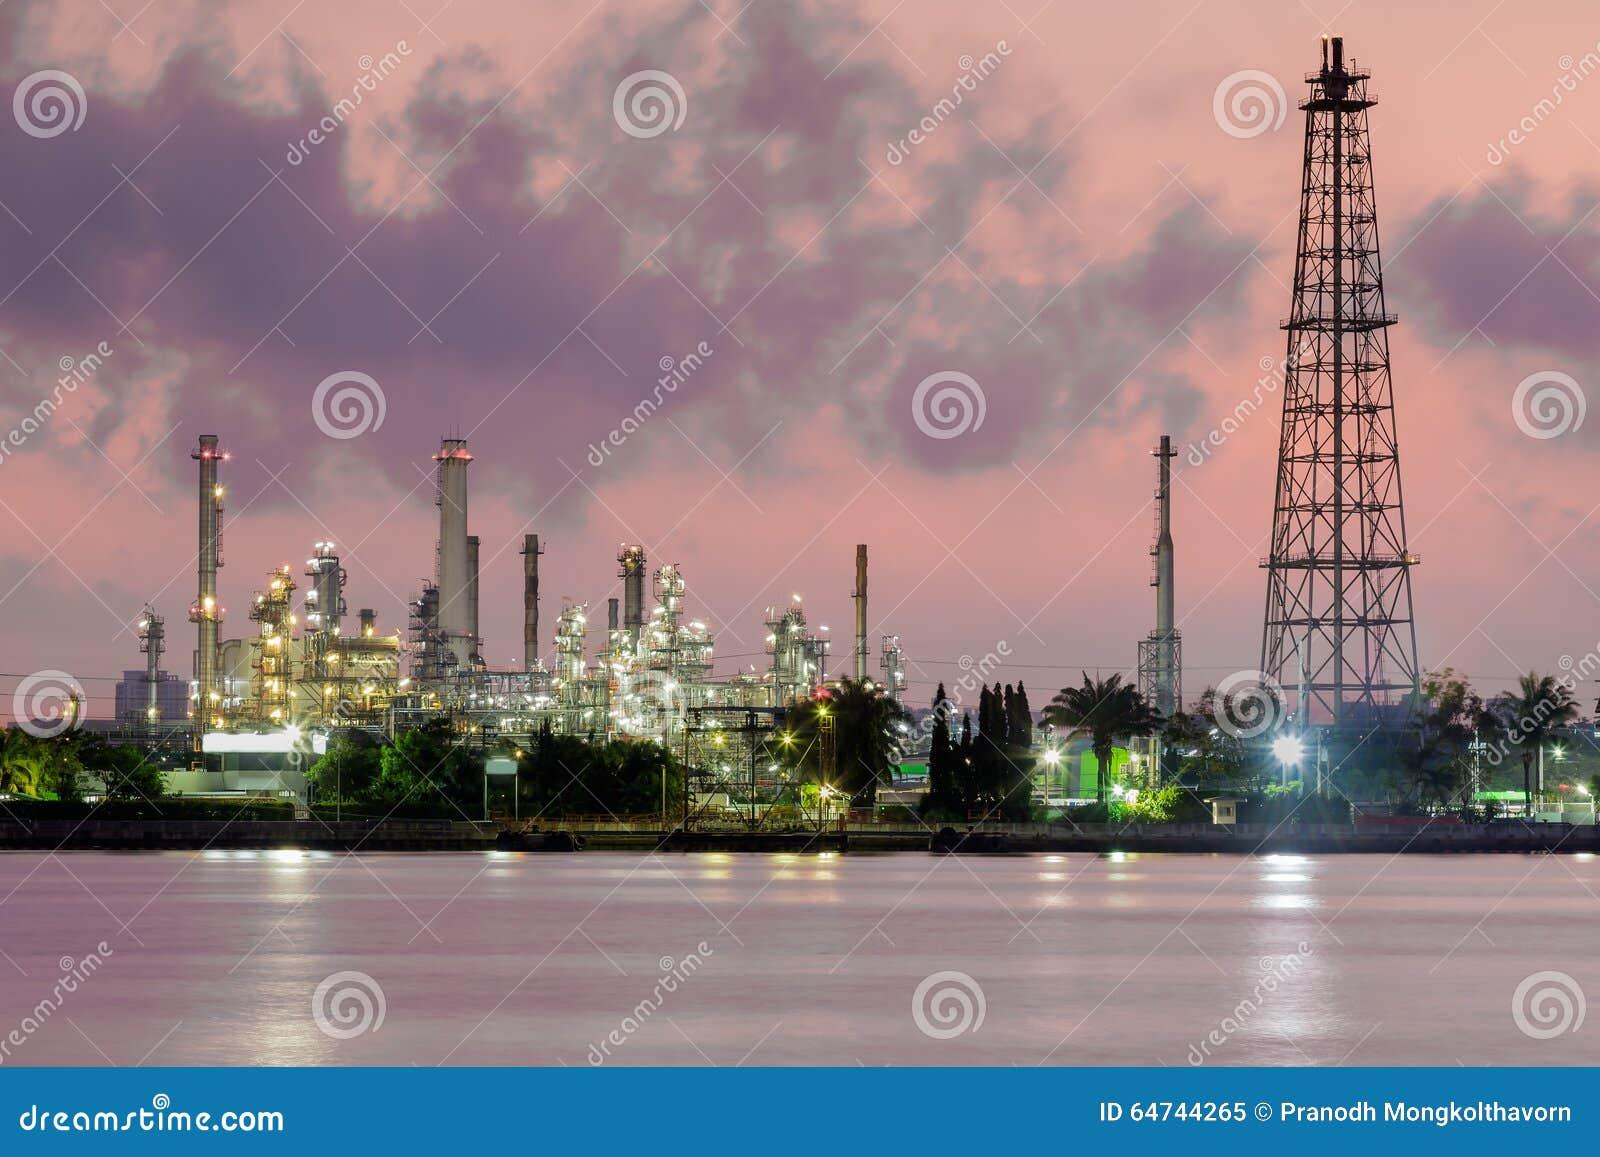 Refinería de la industria del petróleo y gas, horizonte del río por la mañana